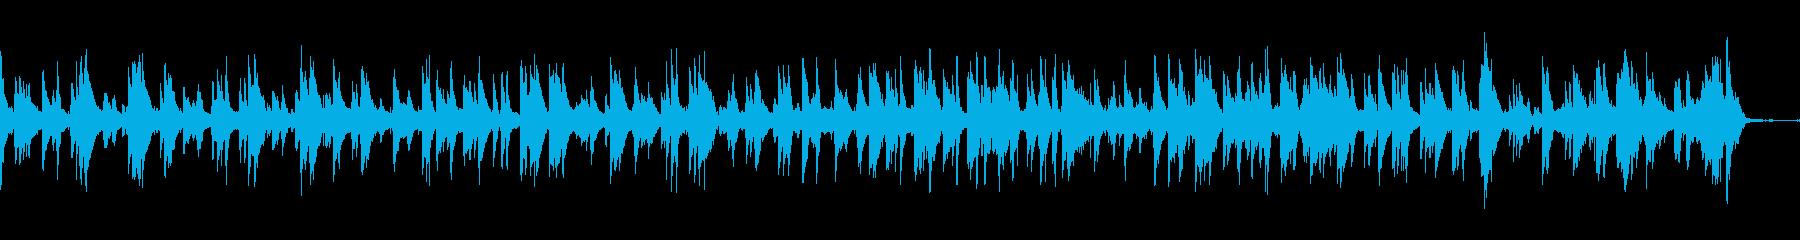 スローテンポのブルージーなジャズトラックの再生済みの波形